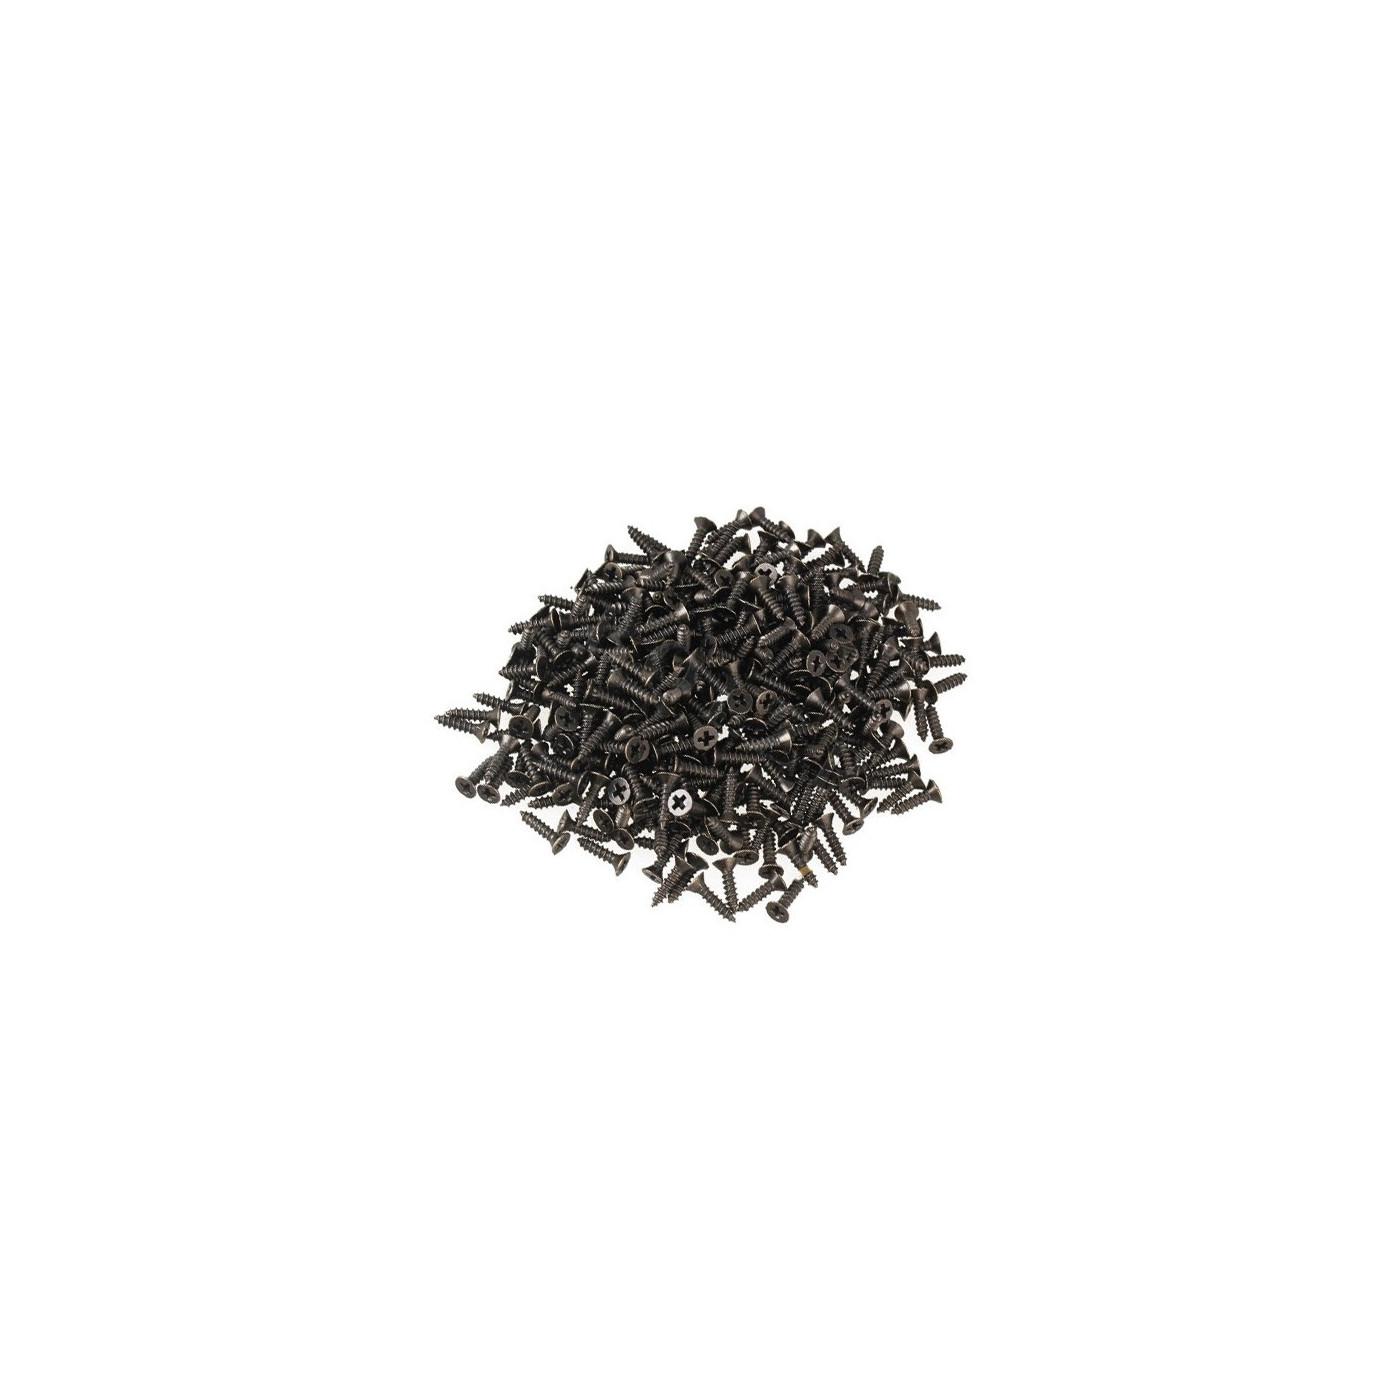 Set van 300 mini schroefjes (2.5x6 mm, verzonken, bronskleur)